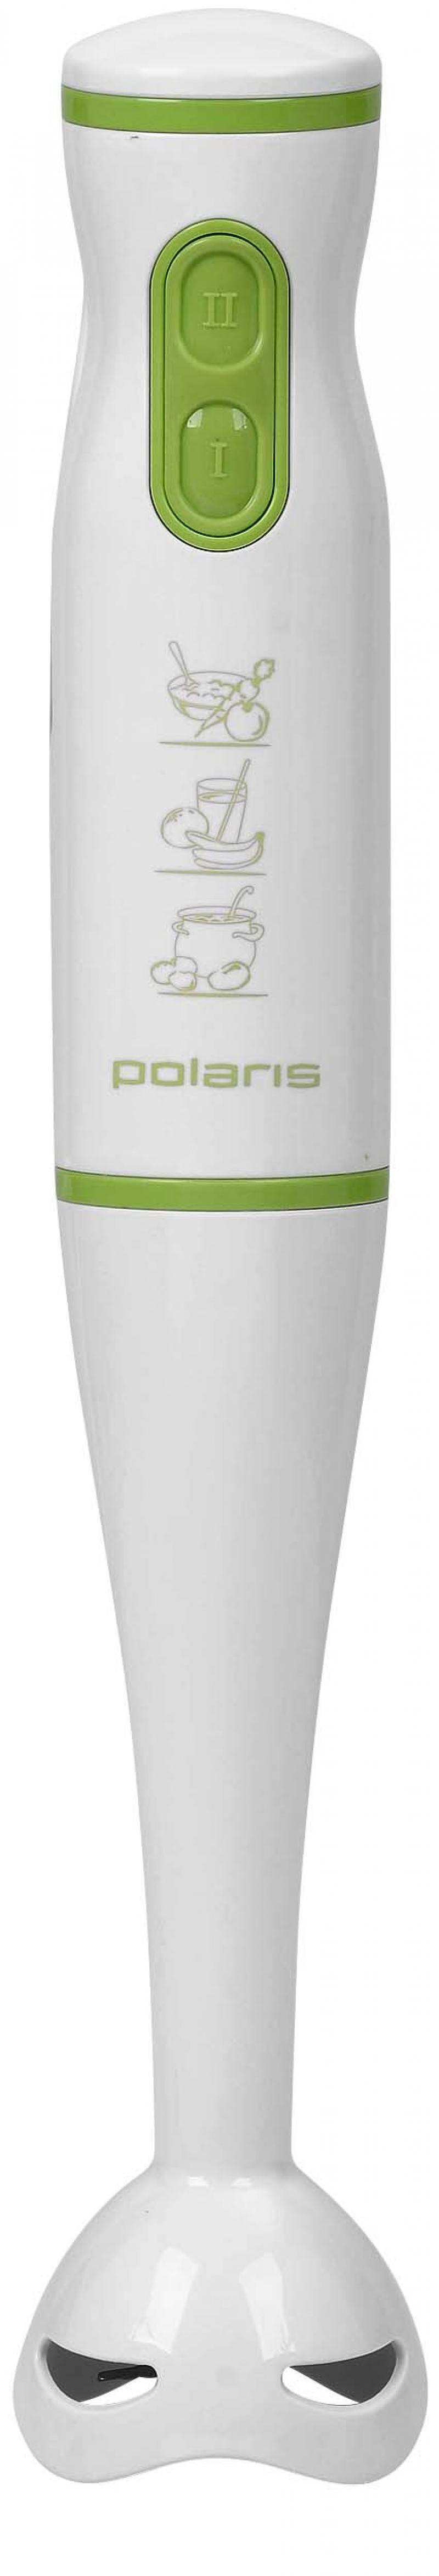 Блендер погружной Polaris PHB 0508 500Вт белый зелёный блендер polaris phb 0508 phb 0508 белый оранжевый